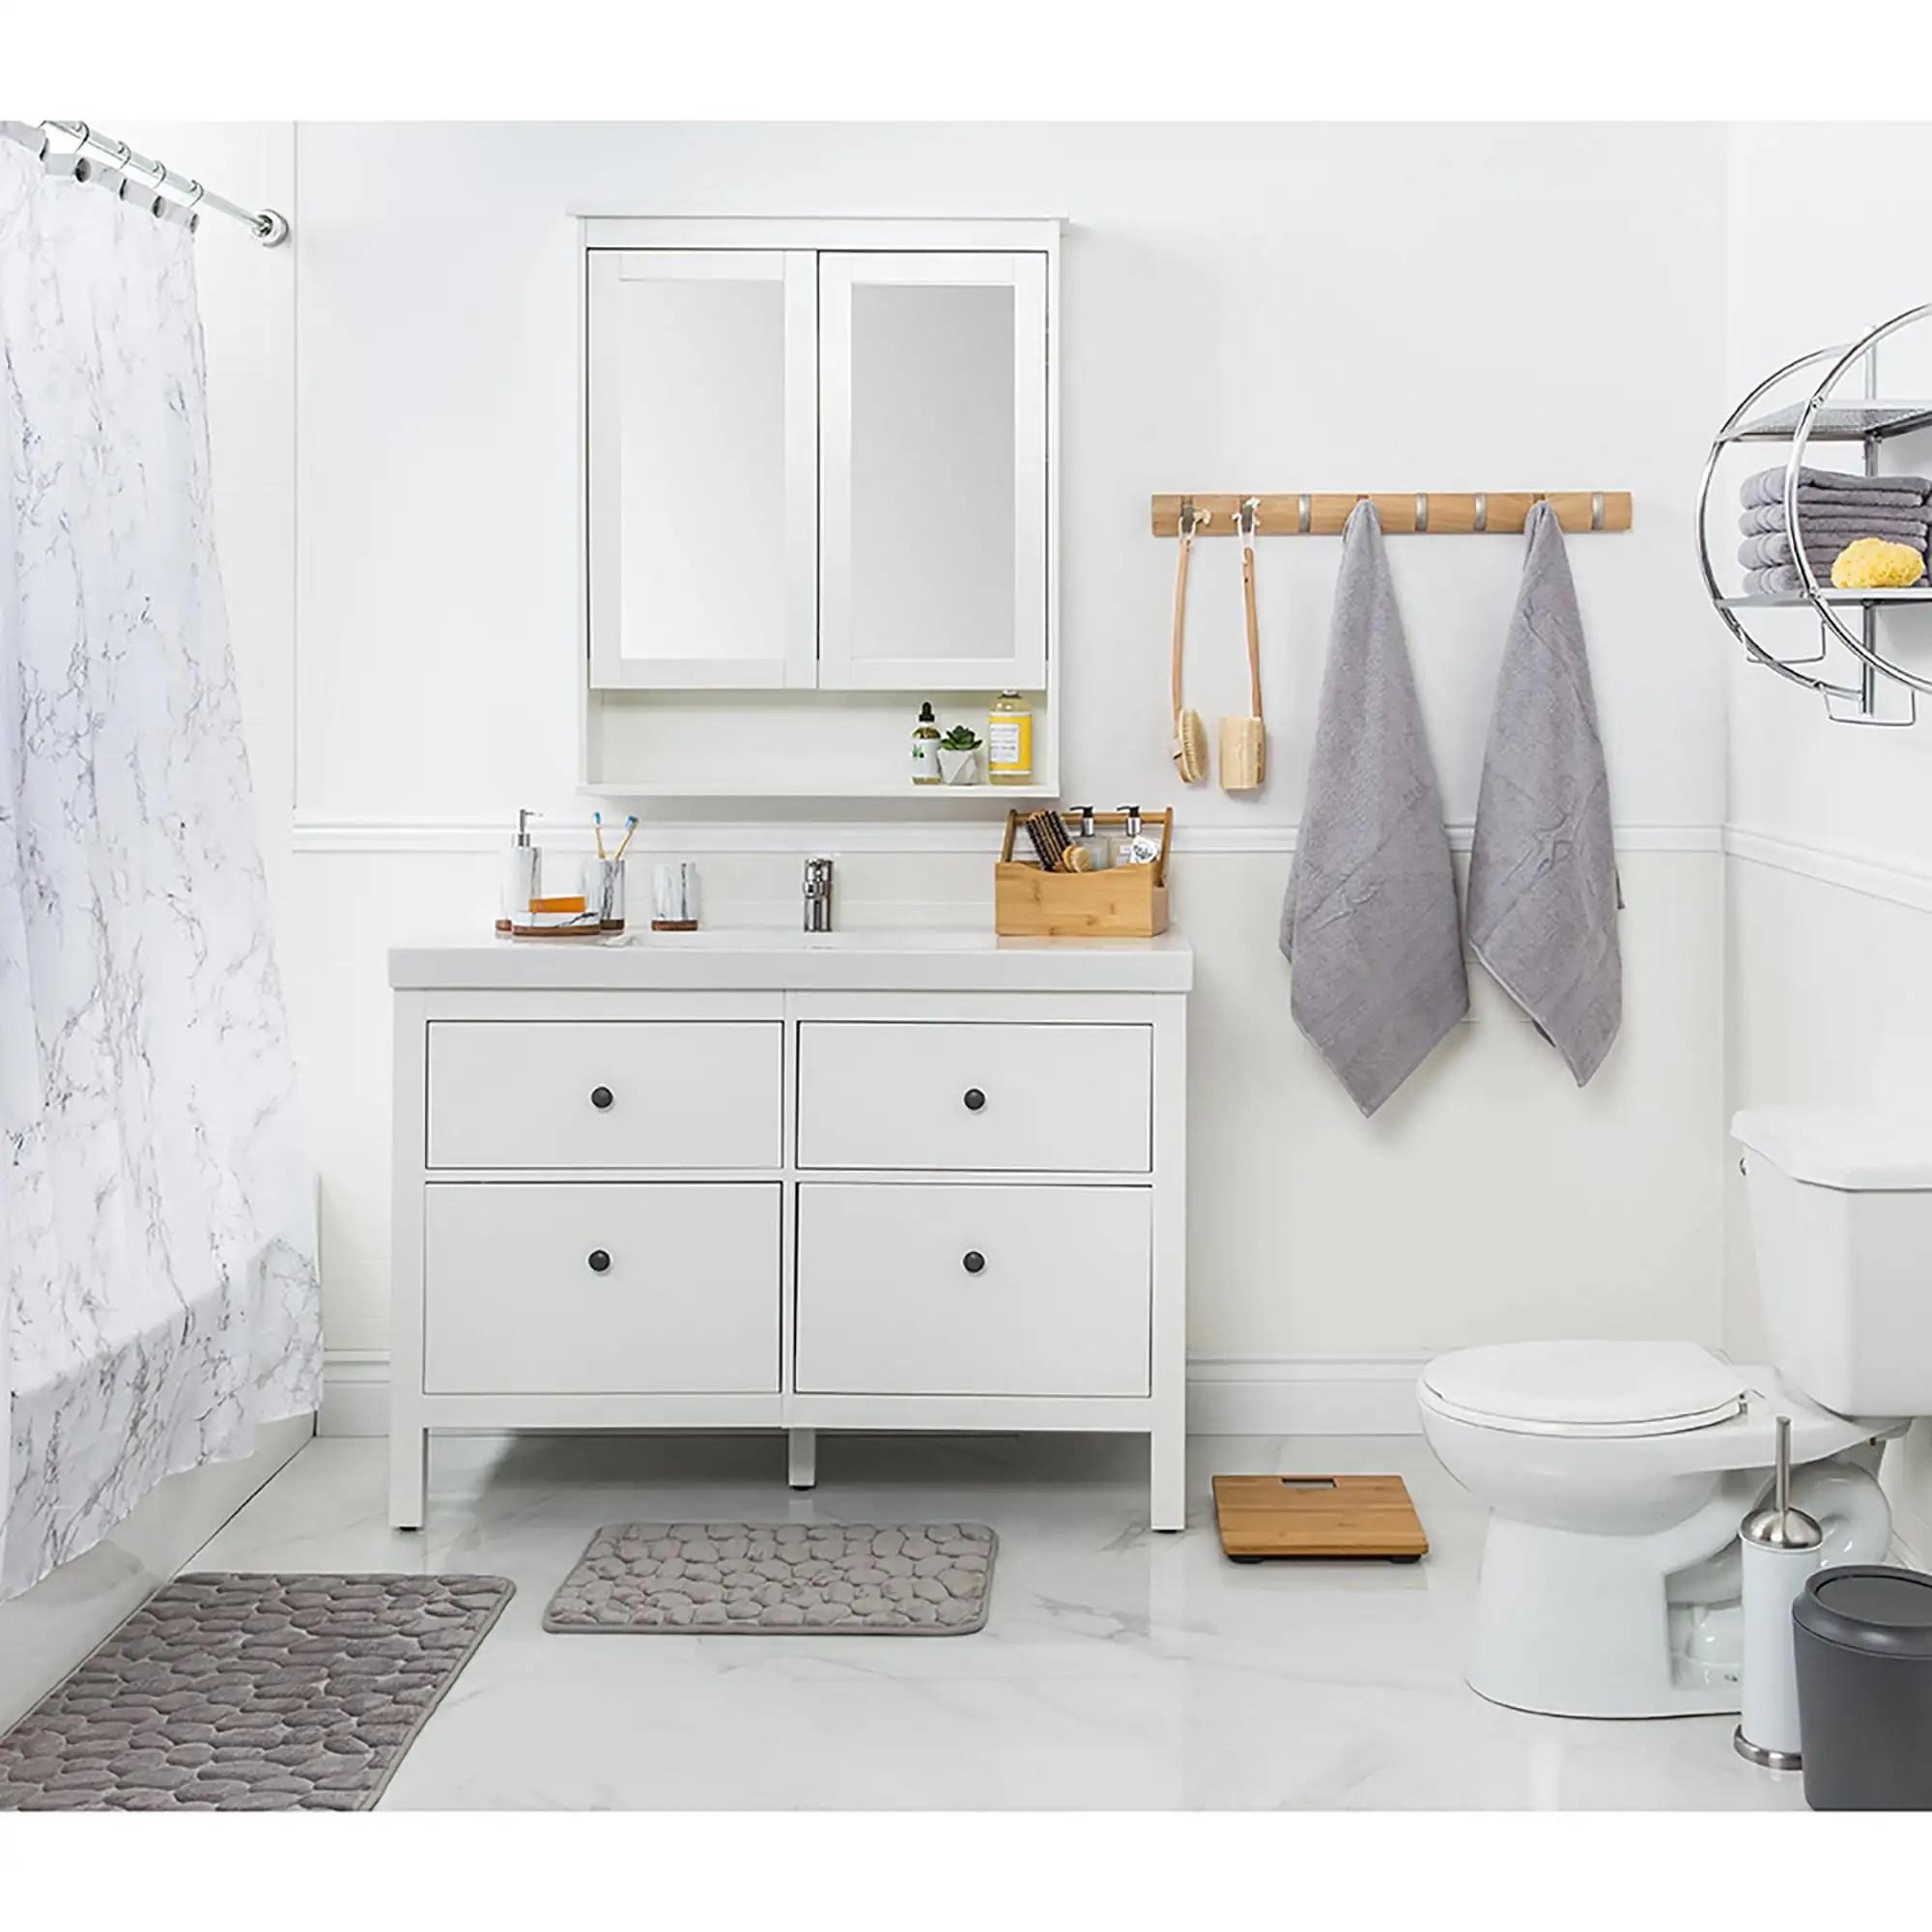 Splash Polyester Marble Shower Curtain Grey Kitchen Stuff Plus